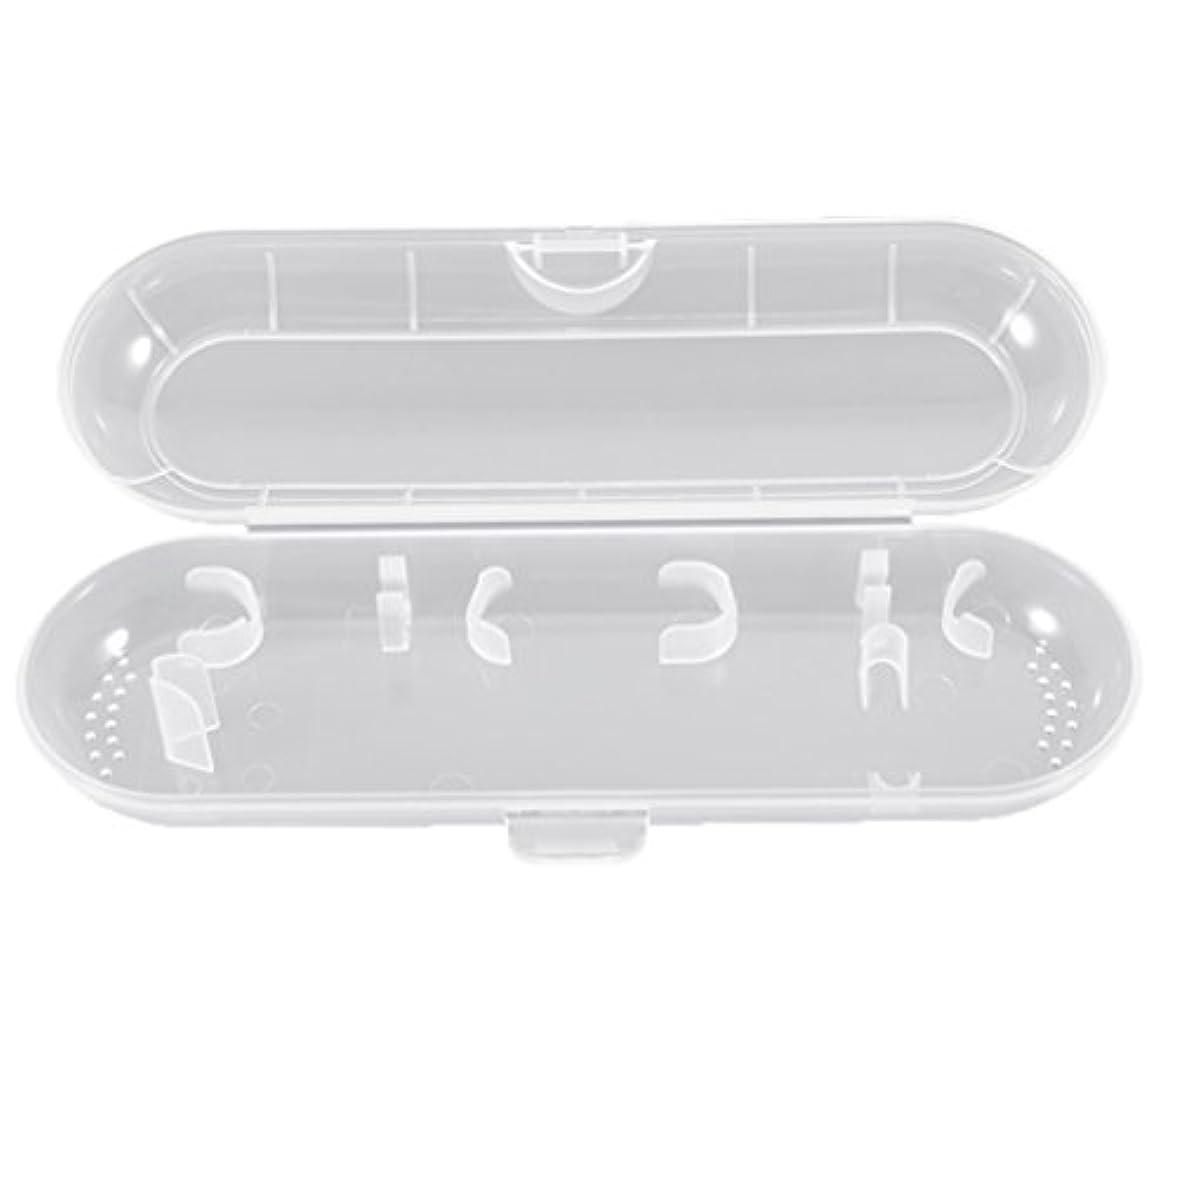 ミュージカルバリア下品Honel 透明 電動歯ブラシ収納ボックス プラスチック 電動歯ブラシケース 収納ケース ブラウン オーラルB対応